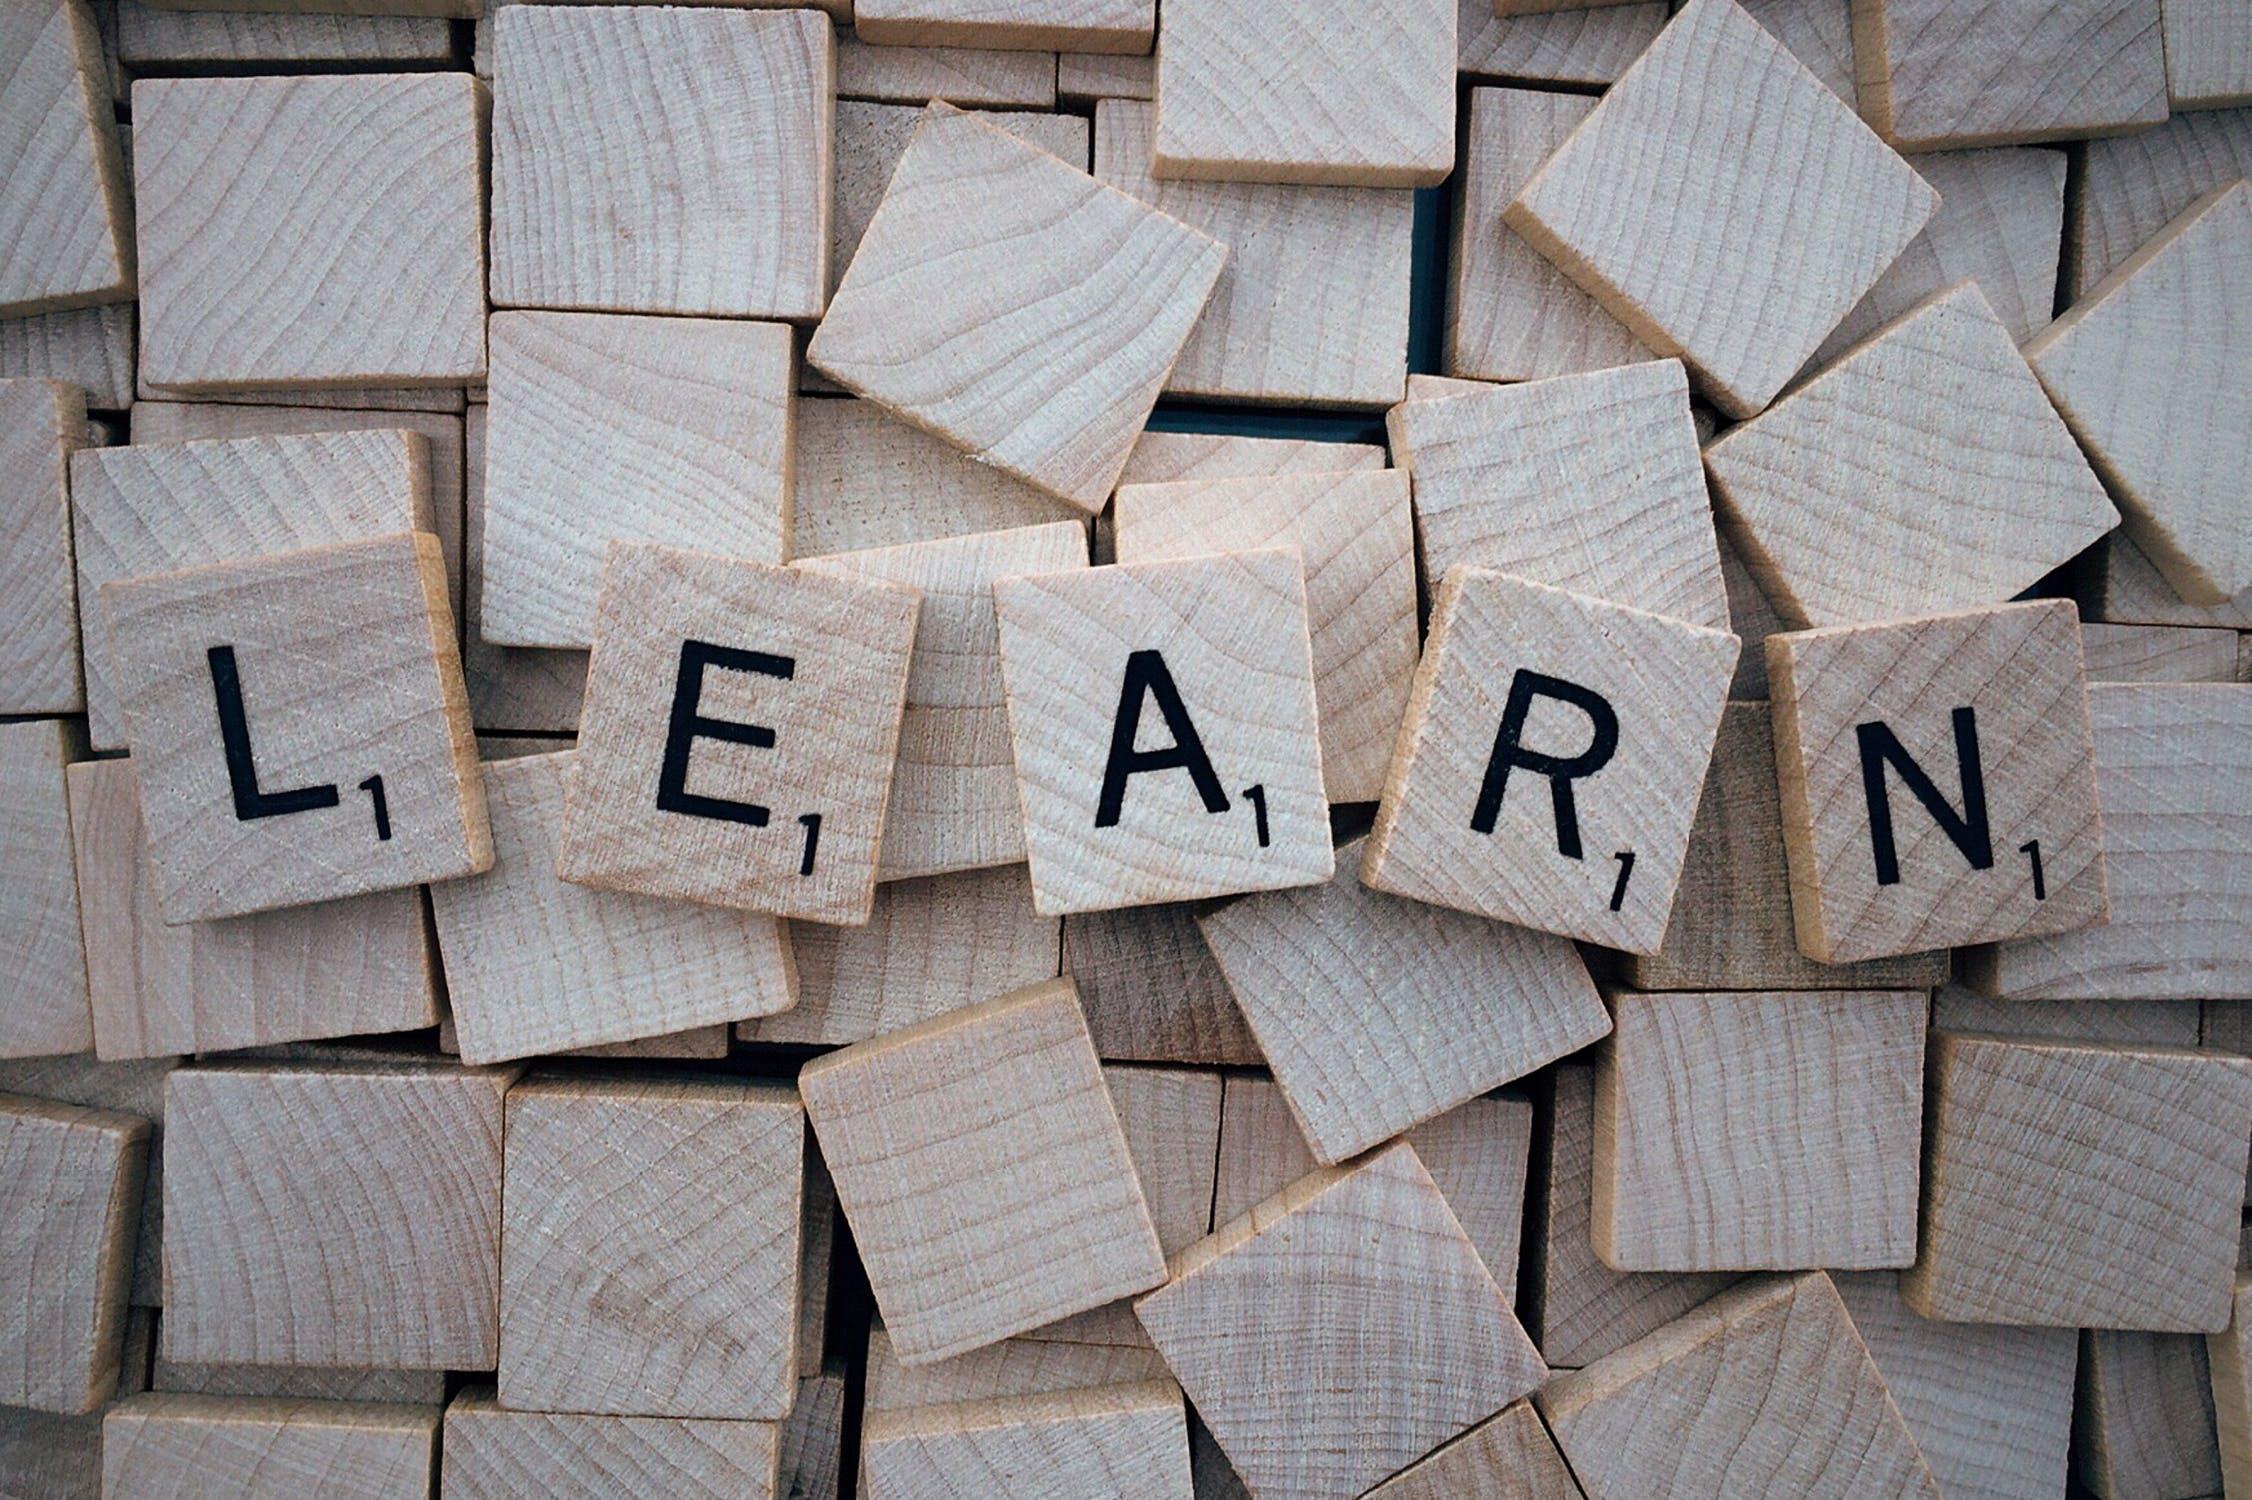 De 5 belangrijkste learning & development trends voor 2019